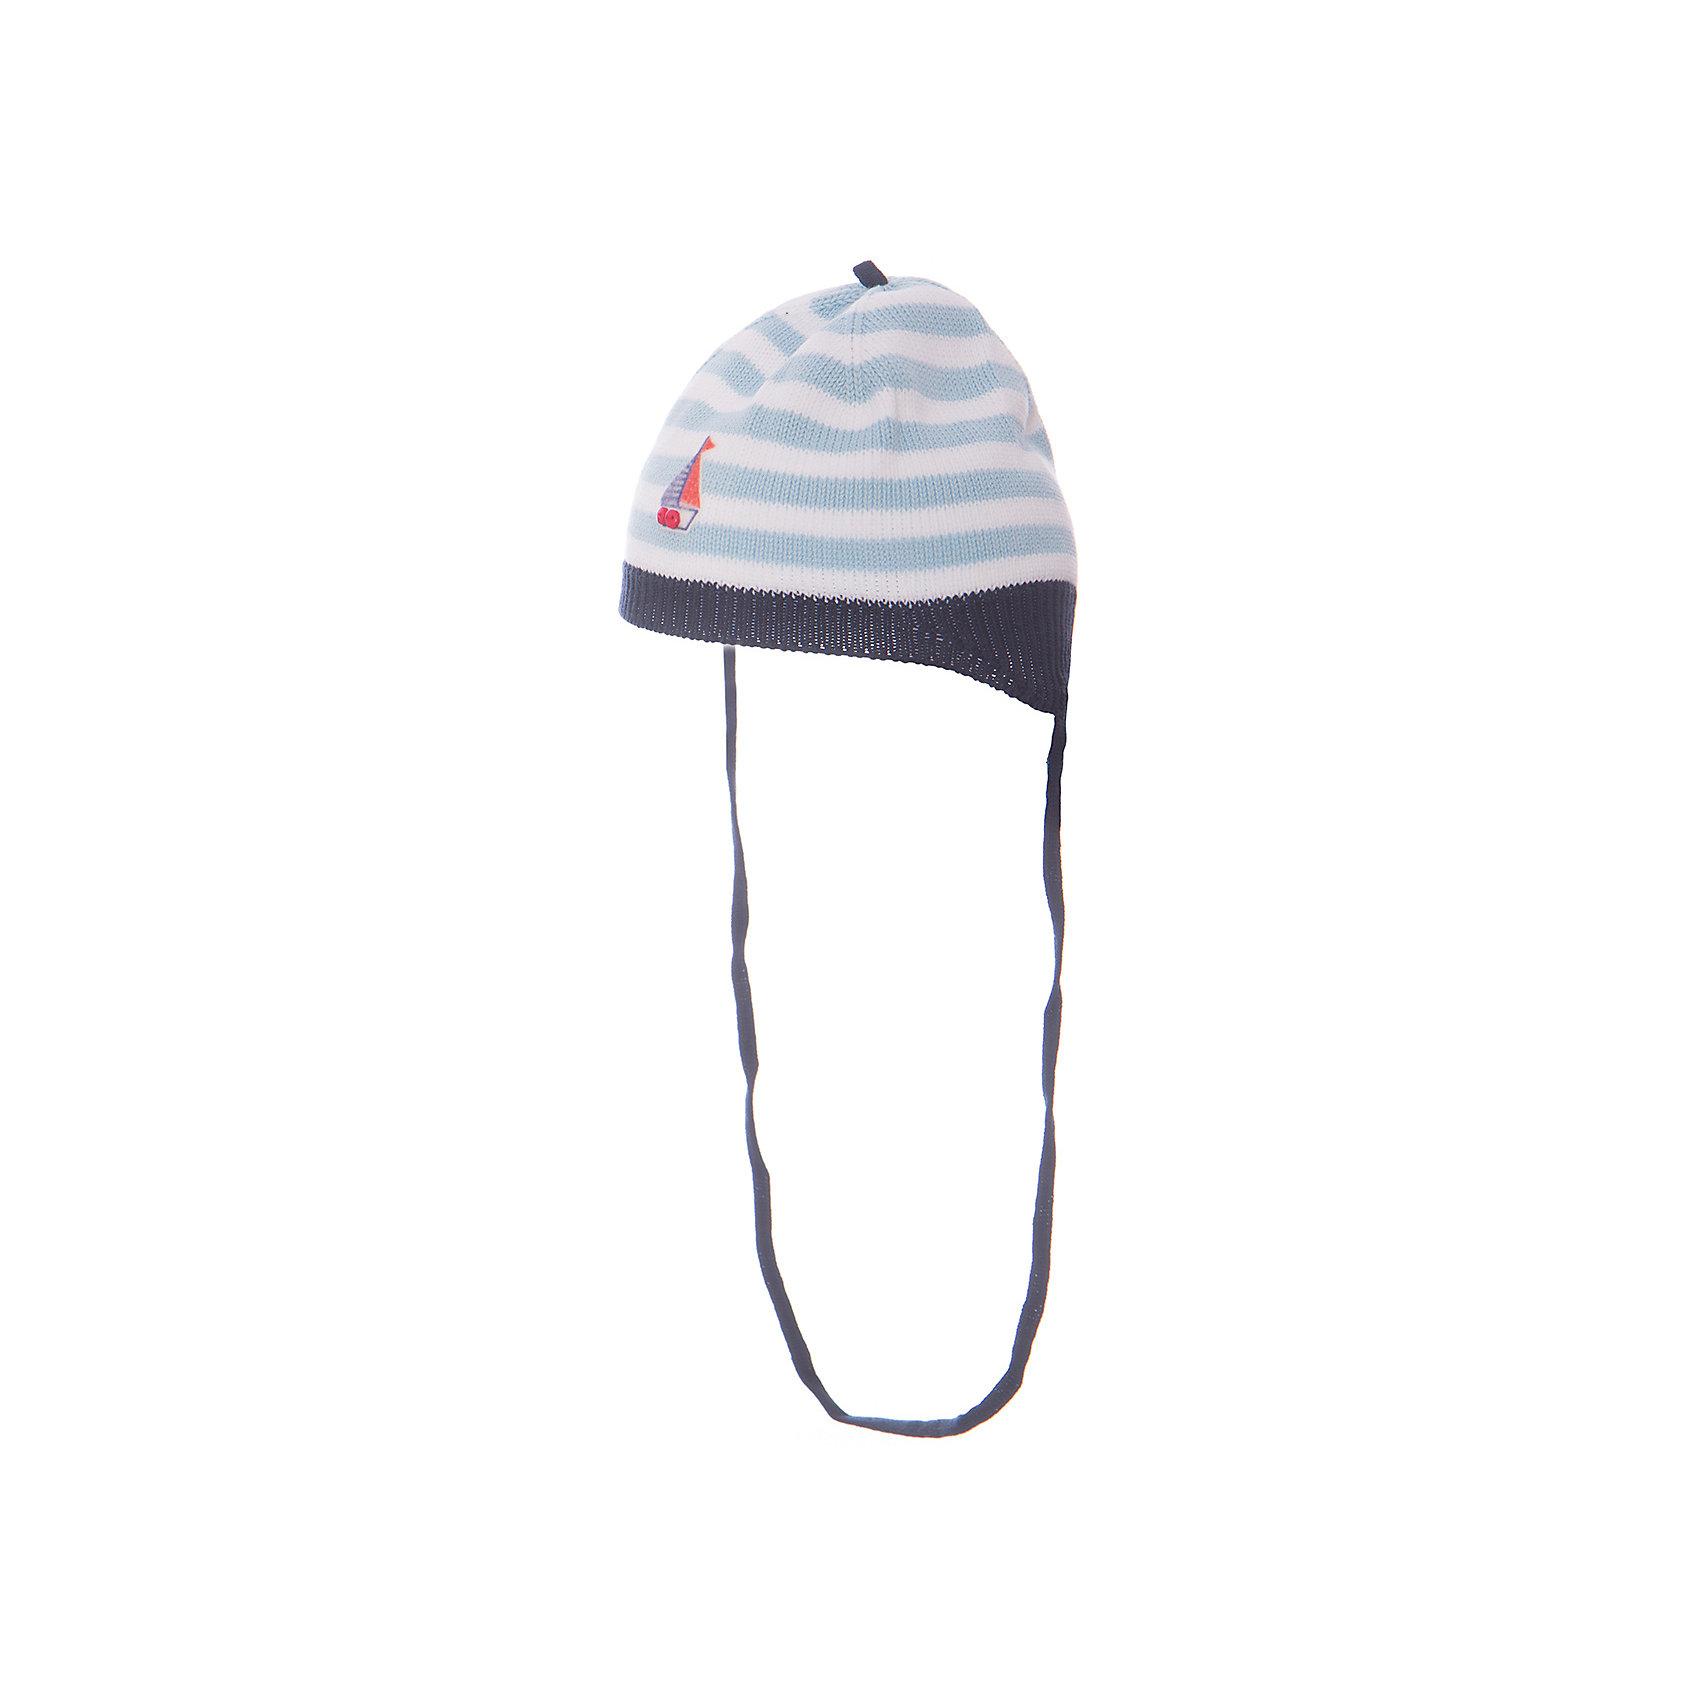 Шапка для мальчика АртельШапка для мальчика от торговой марки Артель <br><br>Модная шапка отлично смотрится на детях и комфортно сидит. Изделие выполнено из качественных материалов, вязка плотная. Натуральный хлопок обеспечит износостойкость и удобство. Отличный вариант для переменной погоды межсезонья! <br>Одежда от бренда Артель – это высокое качество по приемлемой цене и всегда продуманный дизайн. <br><br>Особенности модели: <br>- цвет - синий; <br>- есть завязки; <br>- украшена аппликацией; <br>- натуральный хлопок. <br><br>Дополнительная информация: <br><br>Состав: 100% хлопок.<br><br><br>Температурный режим: <br>От -5 °C до +10 °C <br><br>Шапку для мальчика Артель (Artel) можно купить в нашем магазине.<br><br>Ширина мм: 89<br>Глубина мм: 117<br>Высота мм: 44<br>Вес г: 155<br>Цвет: синий<br>Возраст от месяцев: 0<br>Возраст до месяцев: 1<br>Пол: Мужской<br>Возраст: Детский<br>Размер: 44,42,38,40,36<br>SKU: 4500465